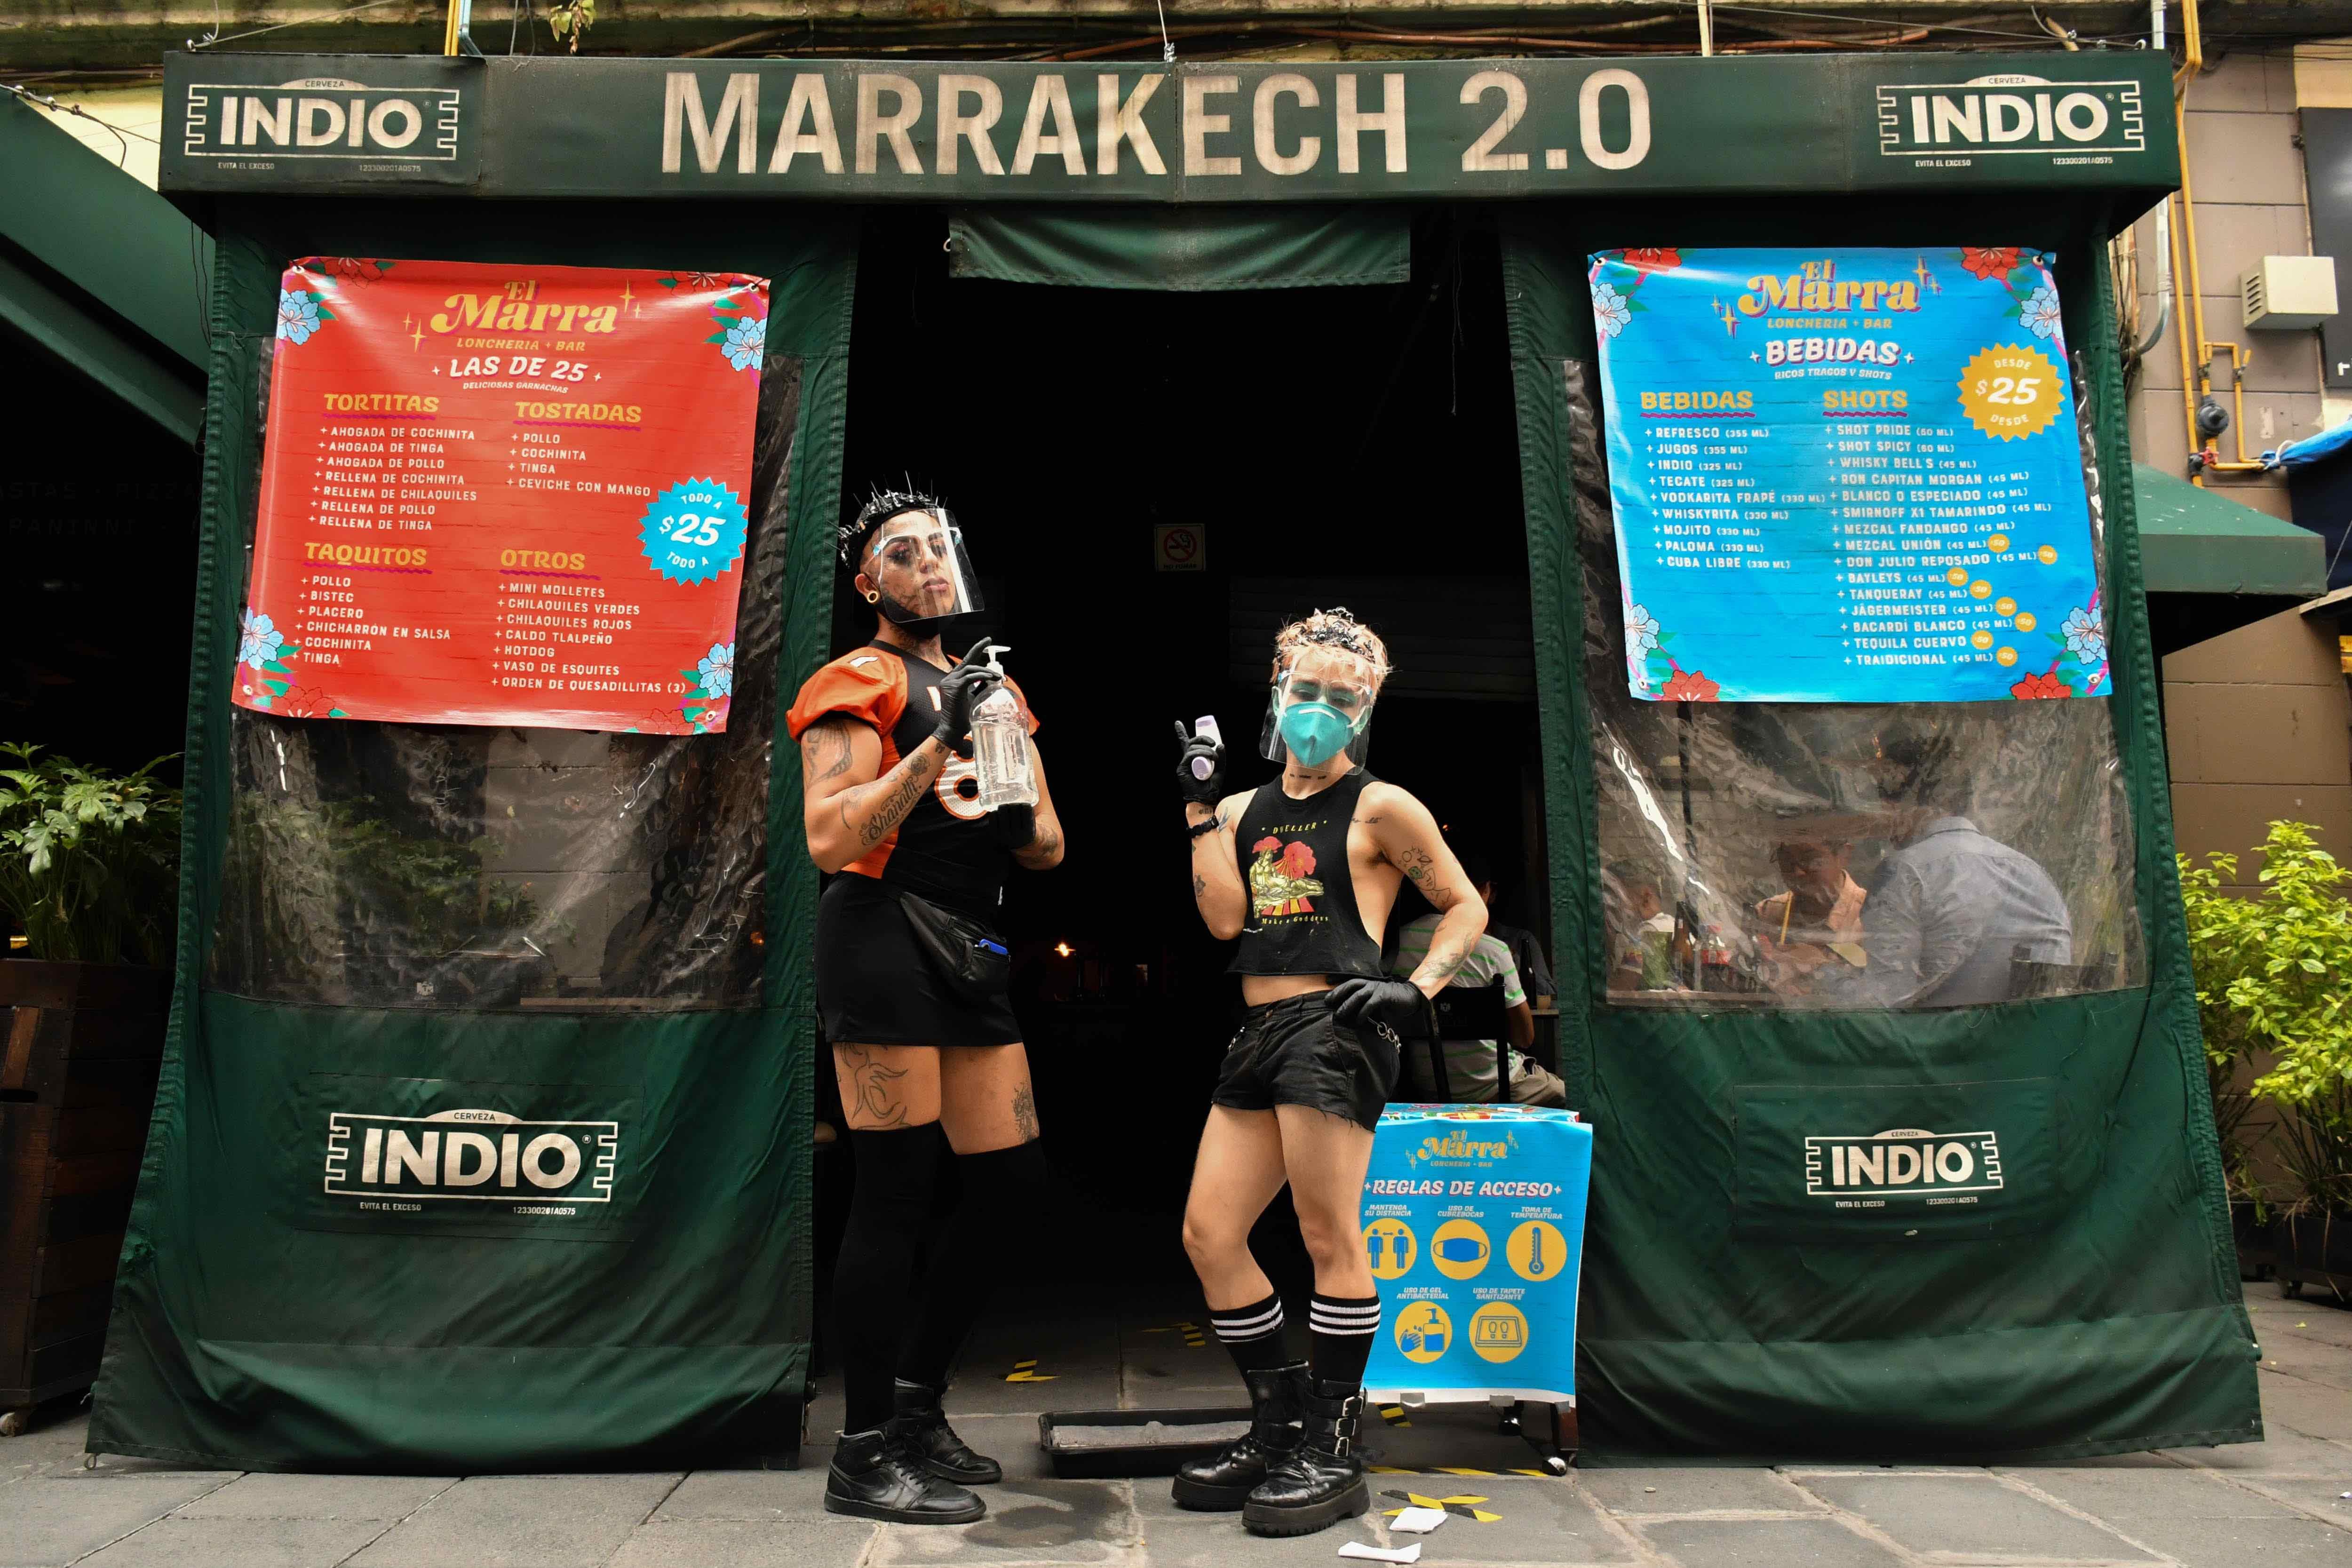 El Marra ahora es lonchería con meseras drags, garnachas y tragos a $25